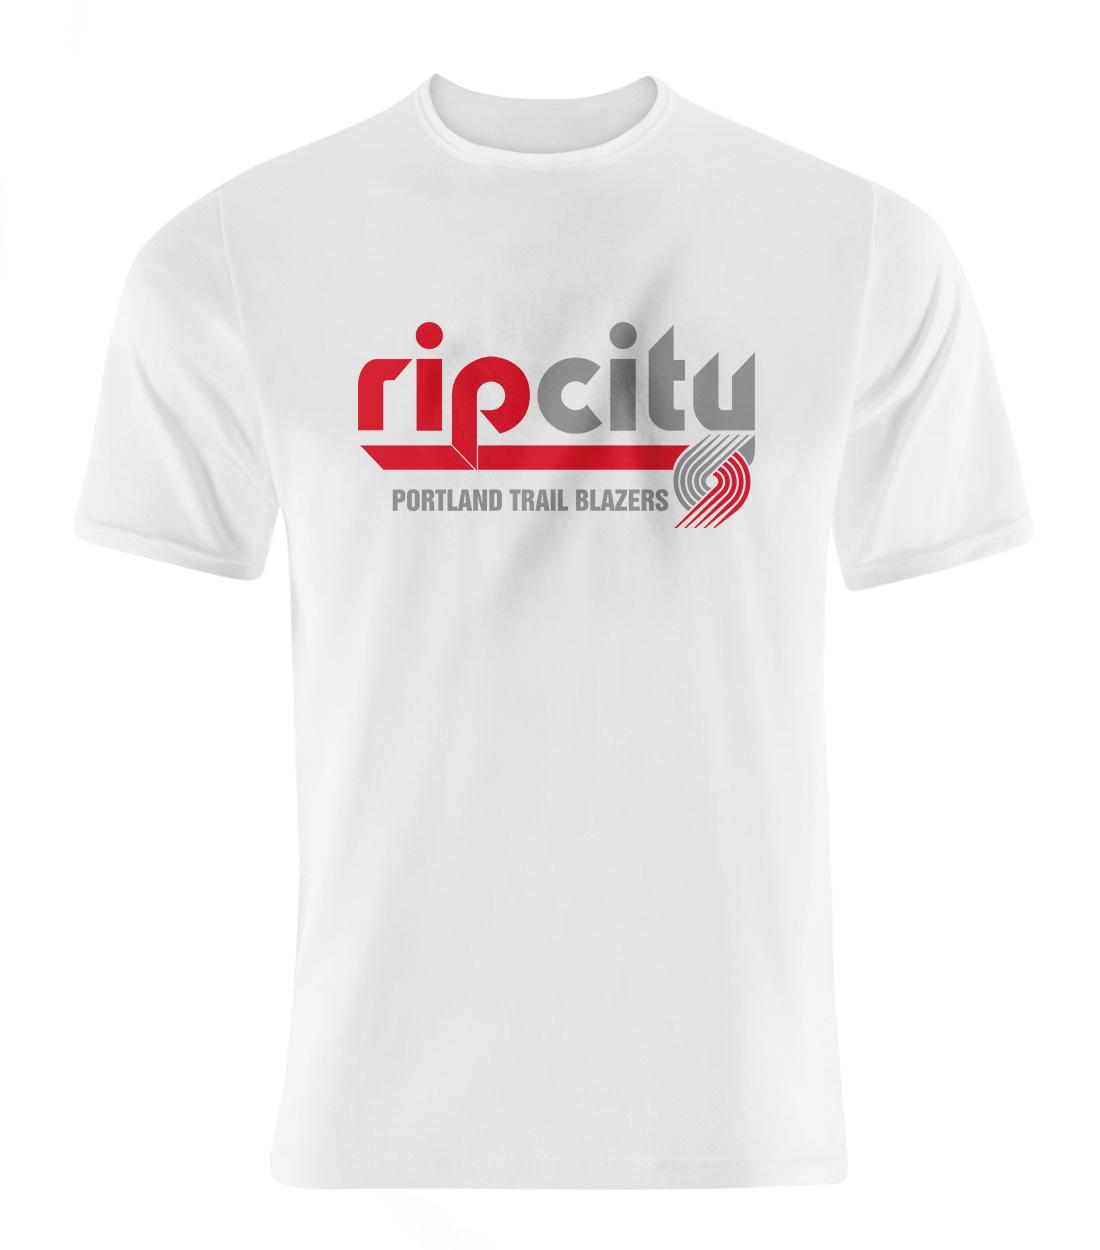 Portland Rip City Tshirt (TSH-WHT-NP-190-NBA-POR-RIP.CITY)